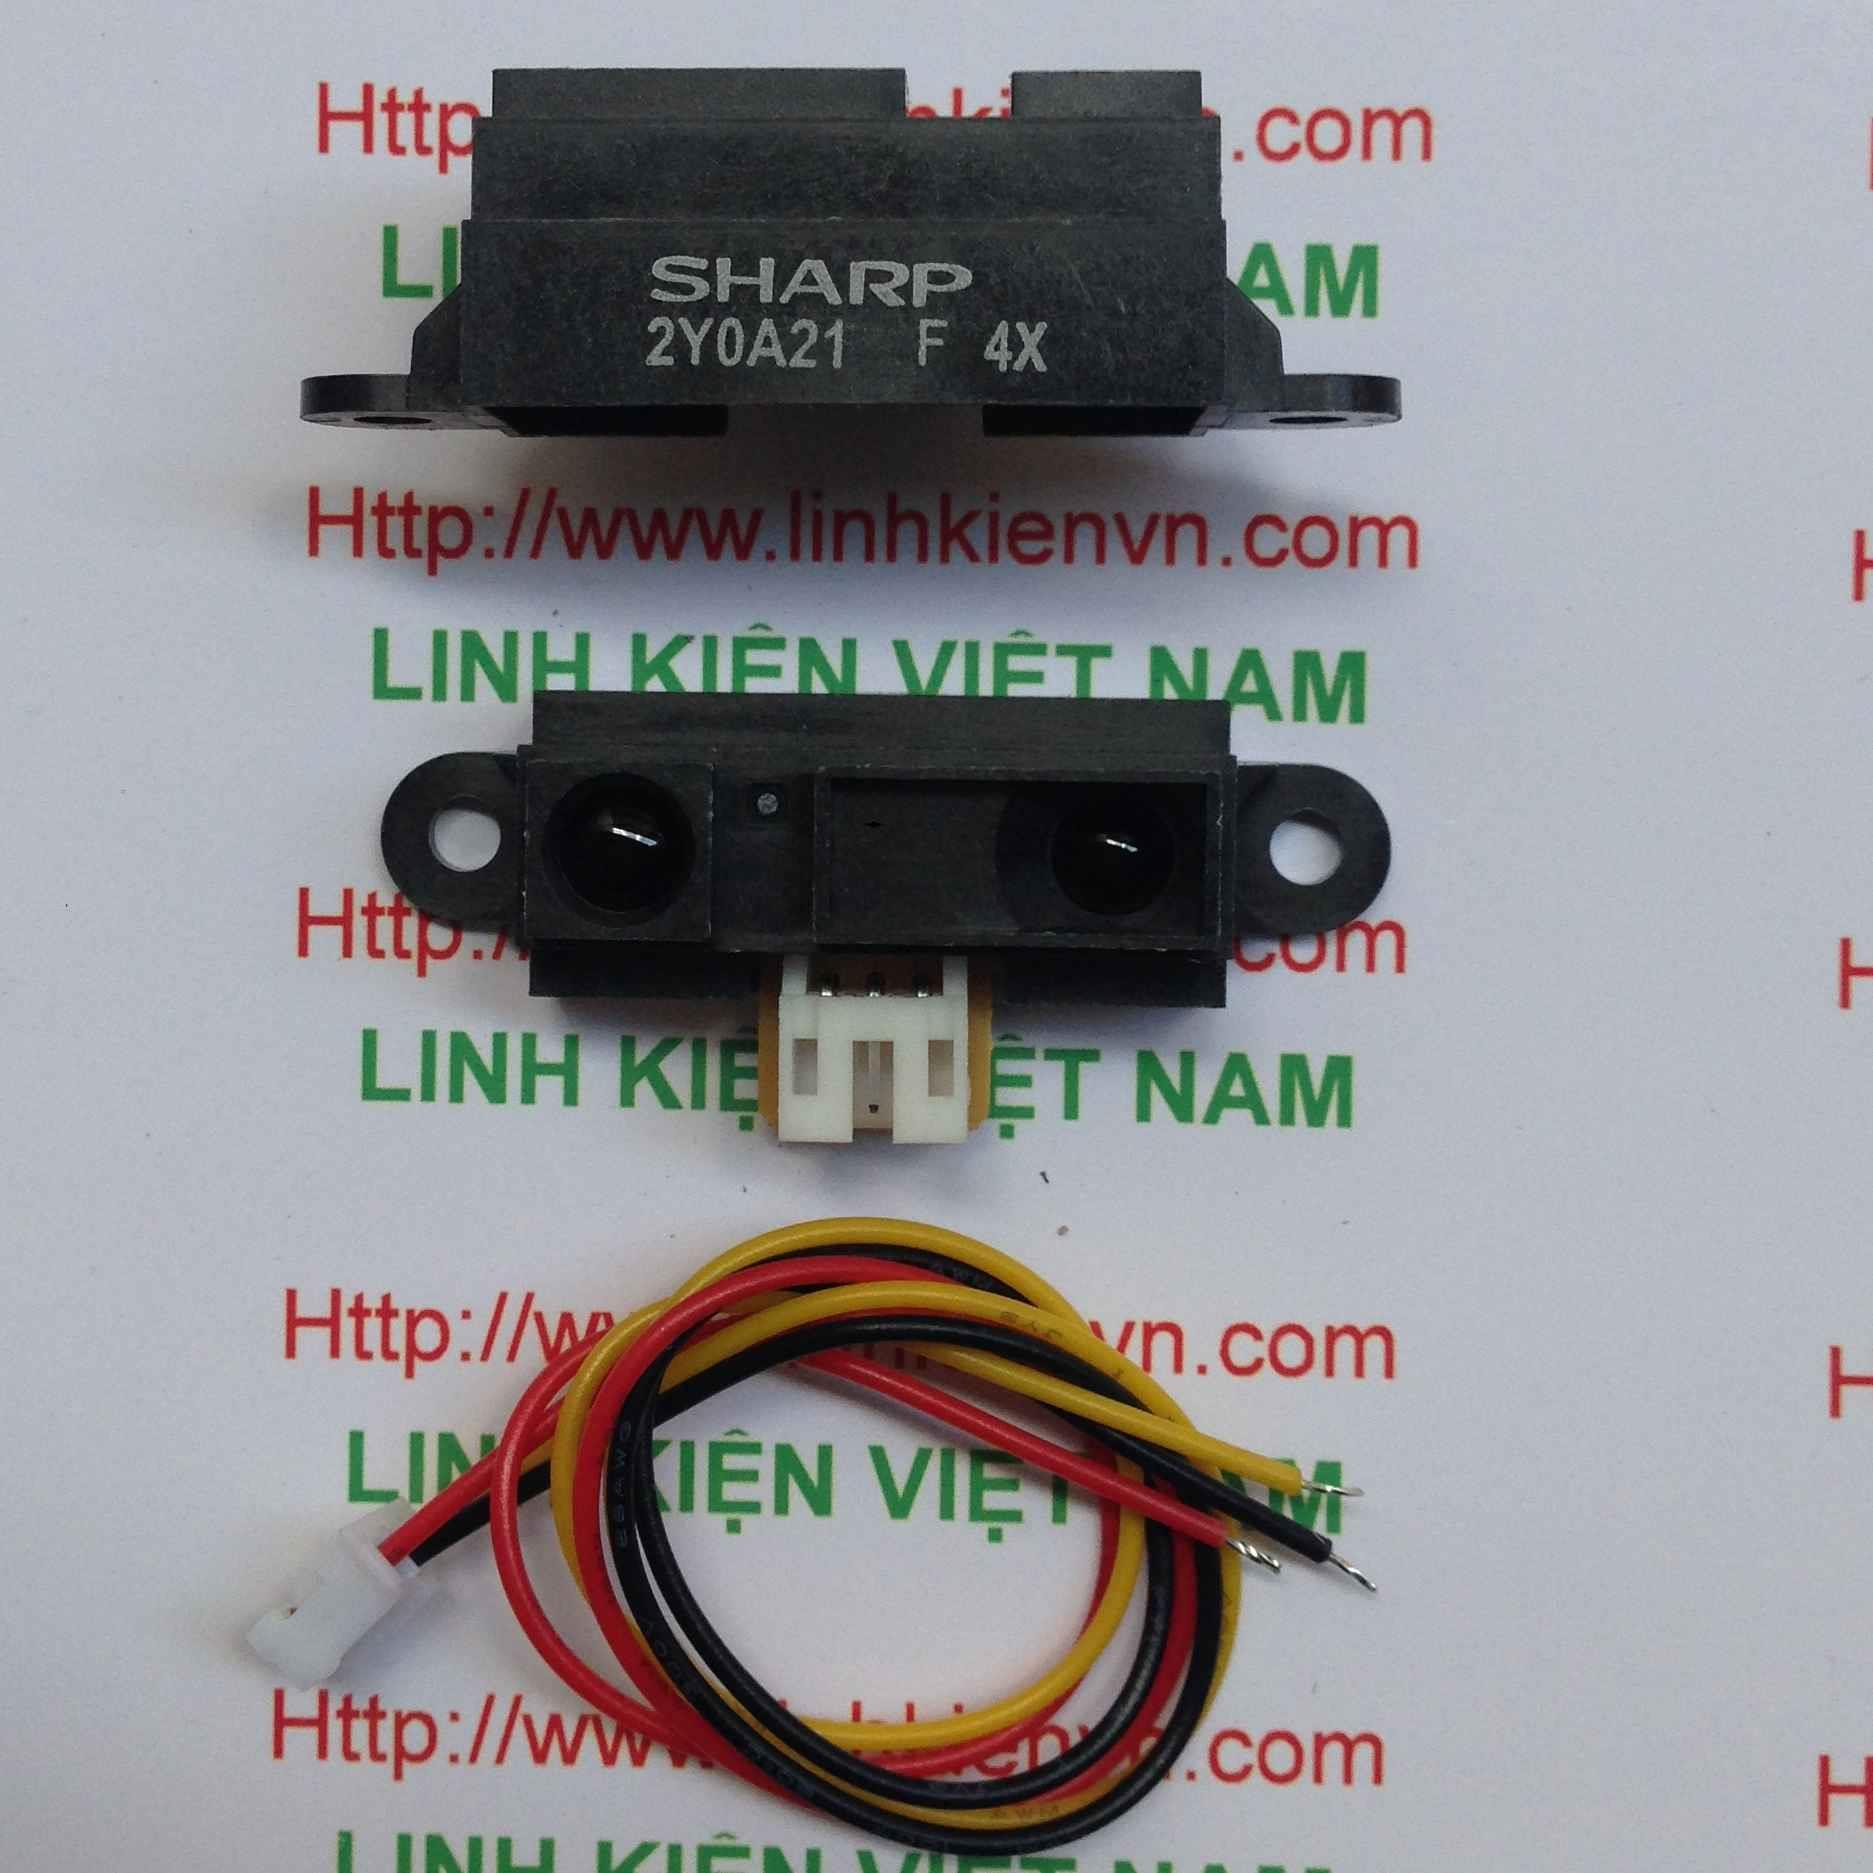 Cảm Biến Khoảng Cách GP2Y0A02YK0F 2Y0A21 20-150cm SHARP - B2H7